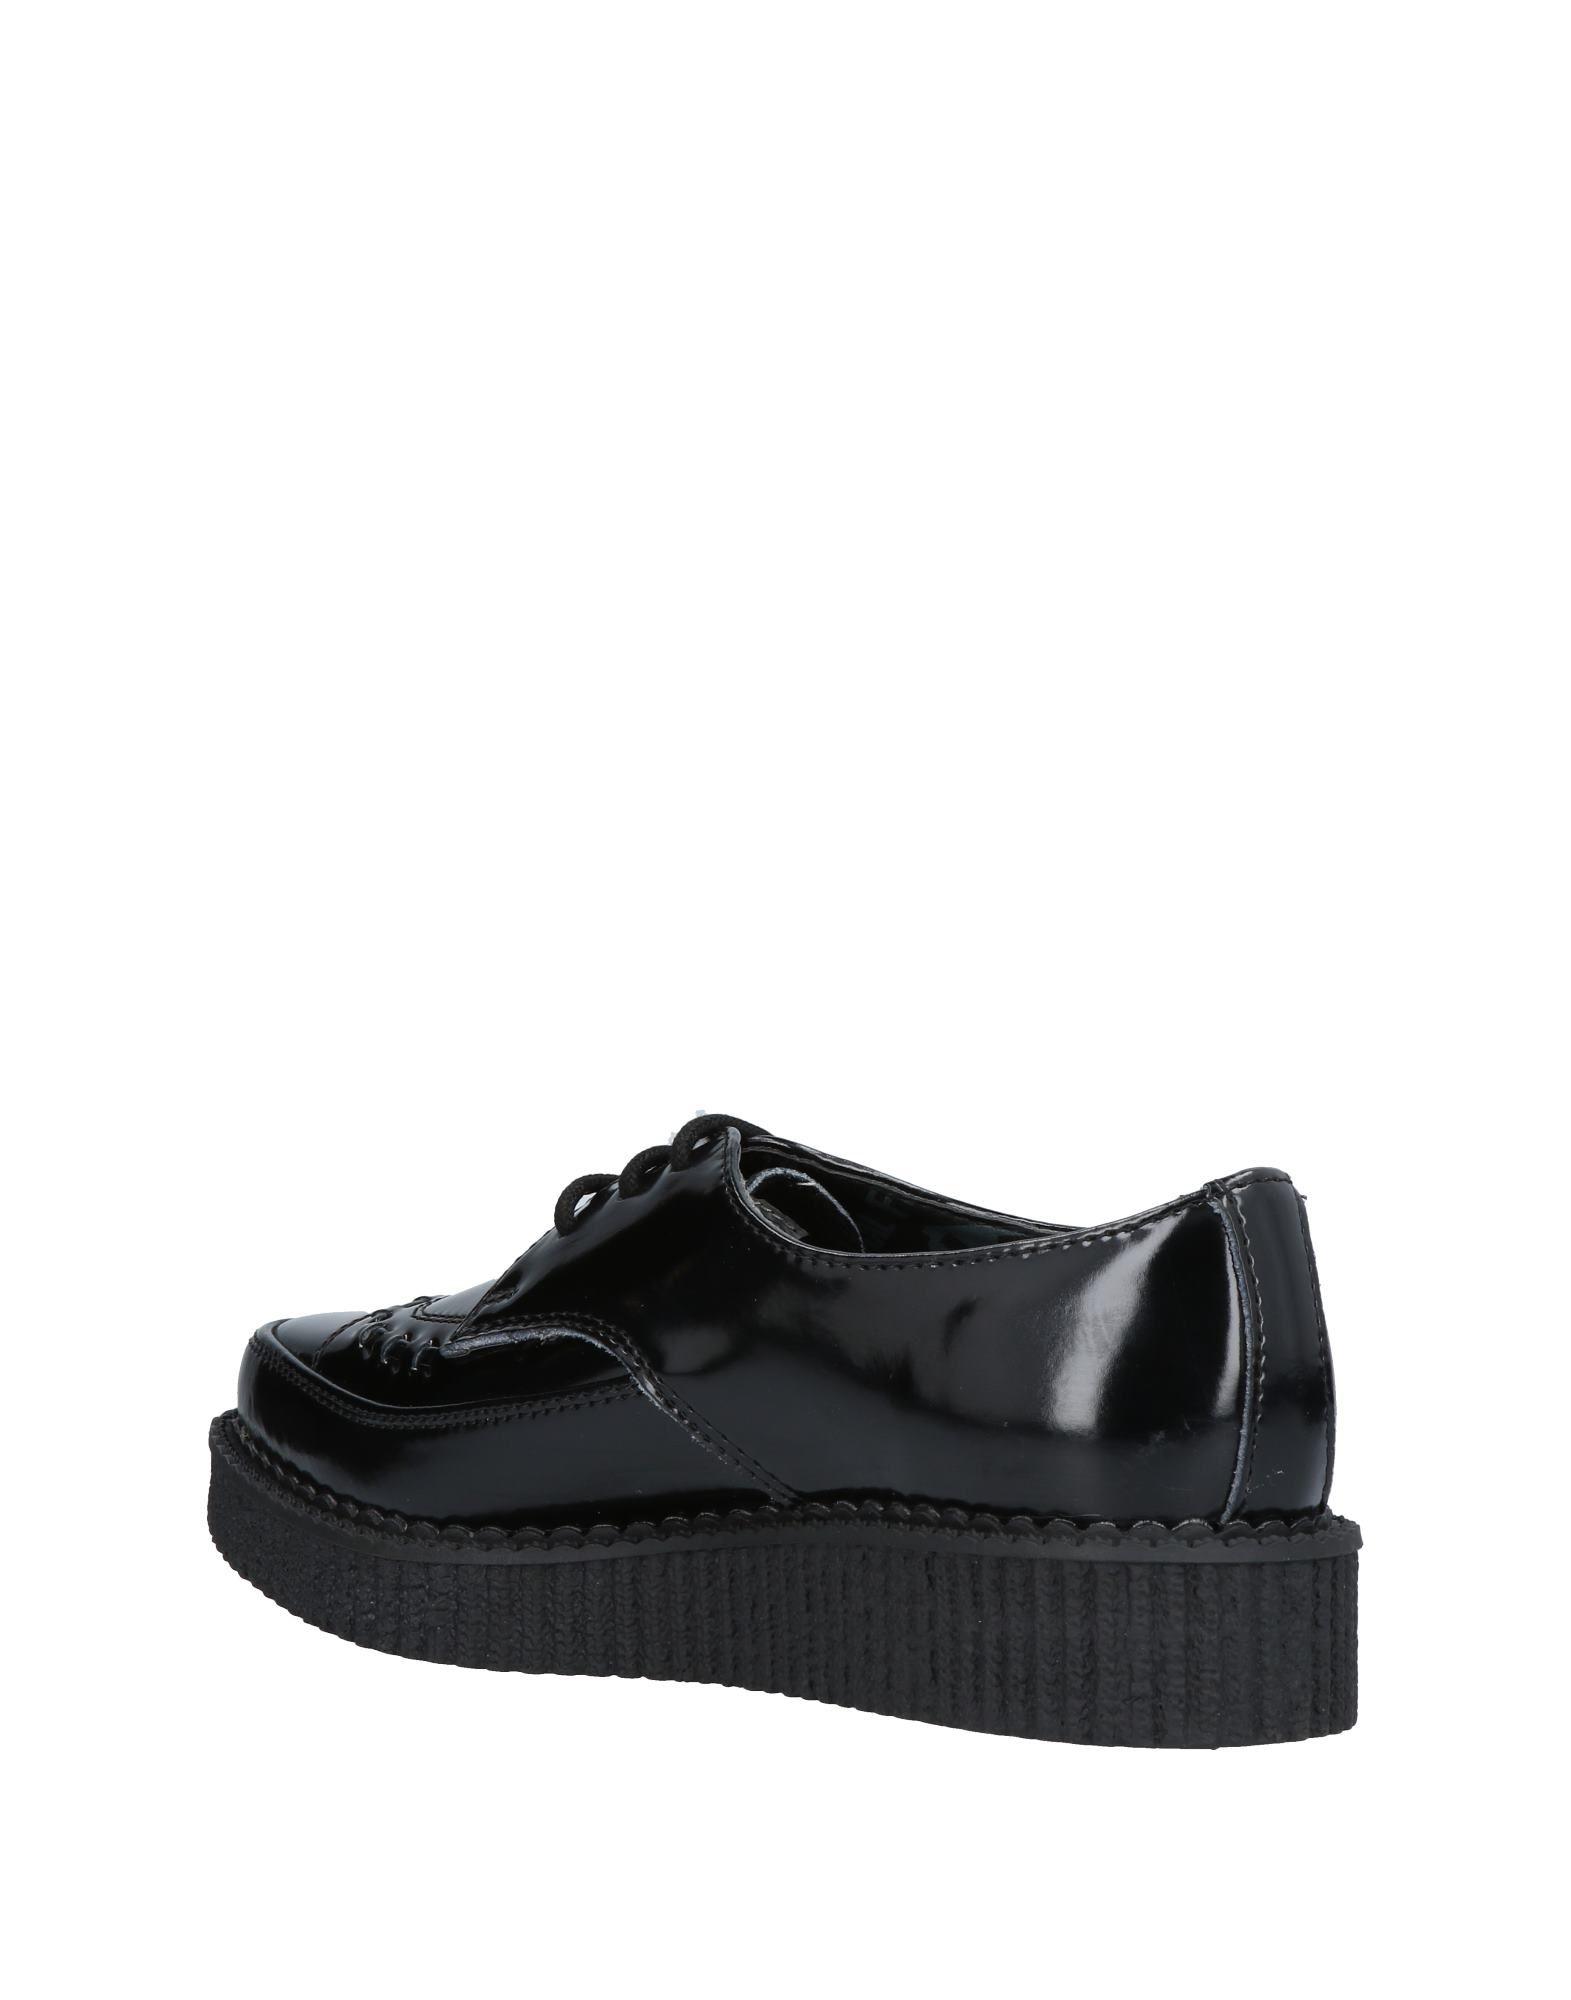 T.U.K Schnürschuhe Damen  11421472EV Gute Qualität beliebte Schuhe